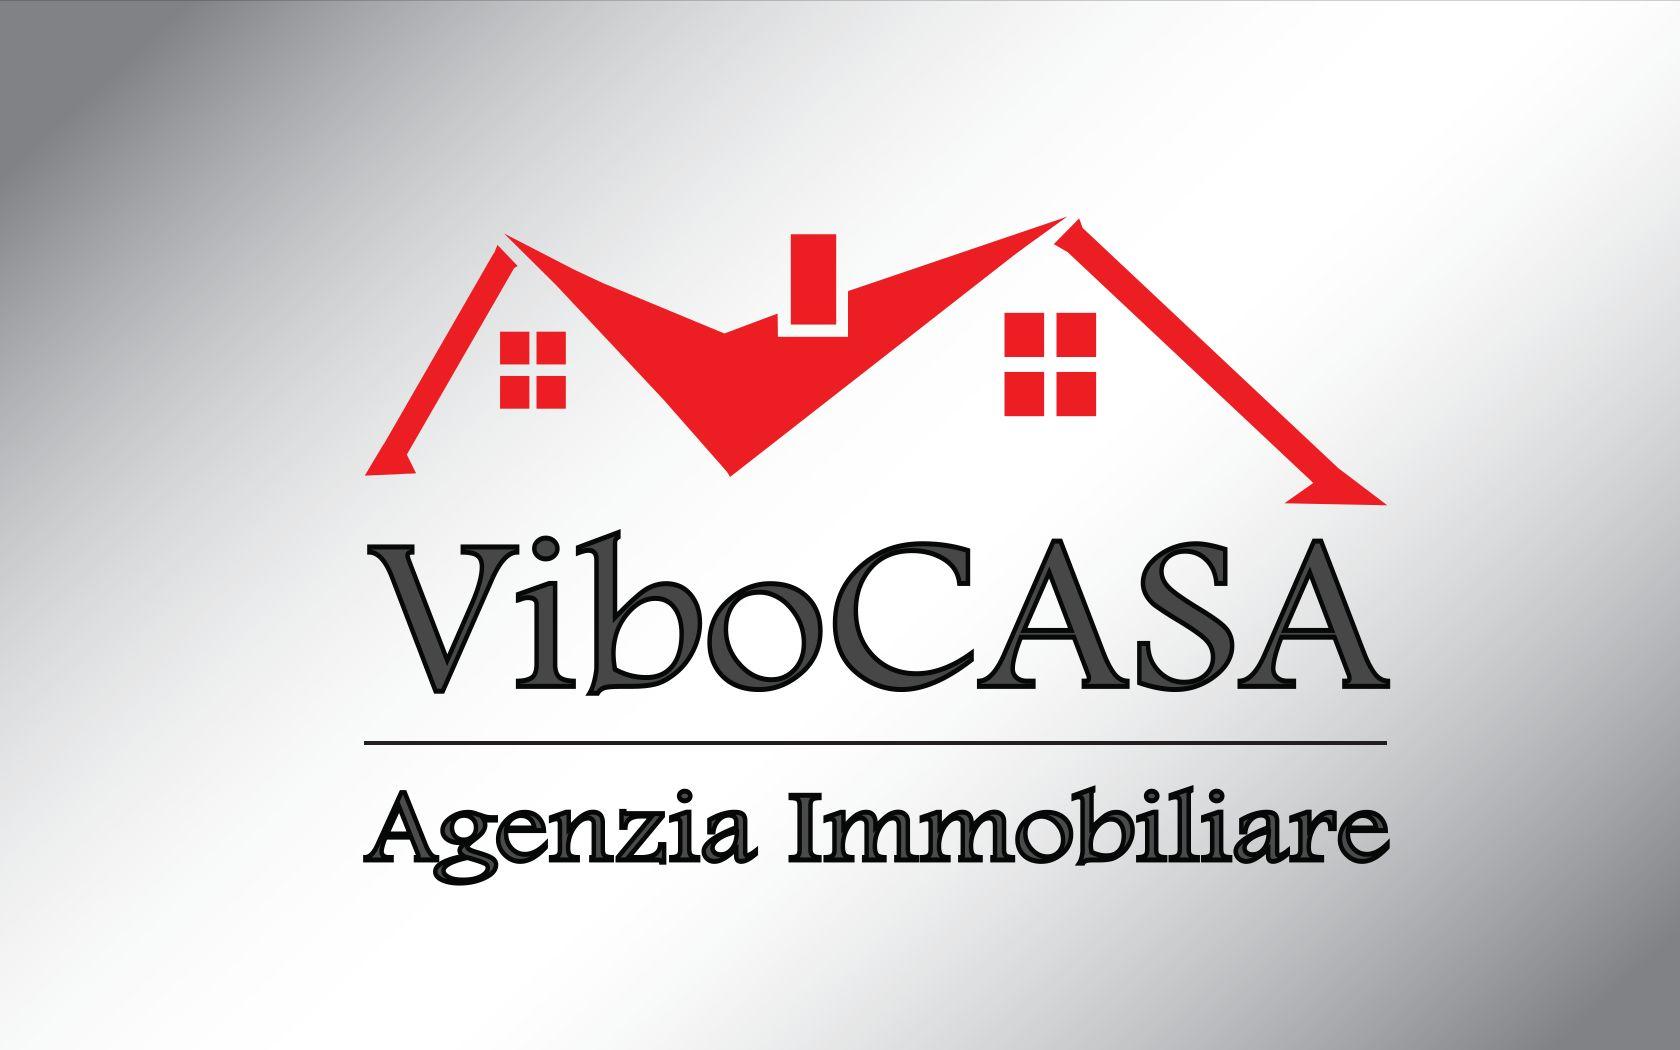 ViboCASA Agenzia Immobiliare